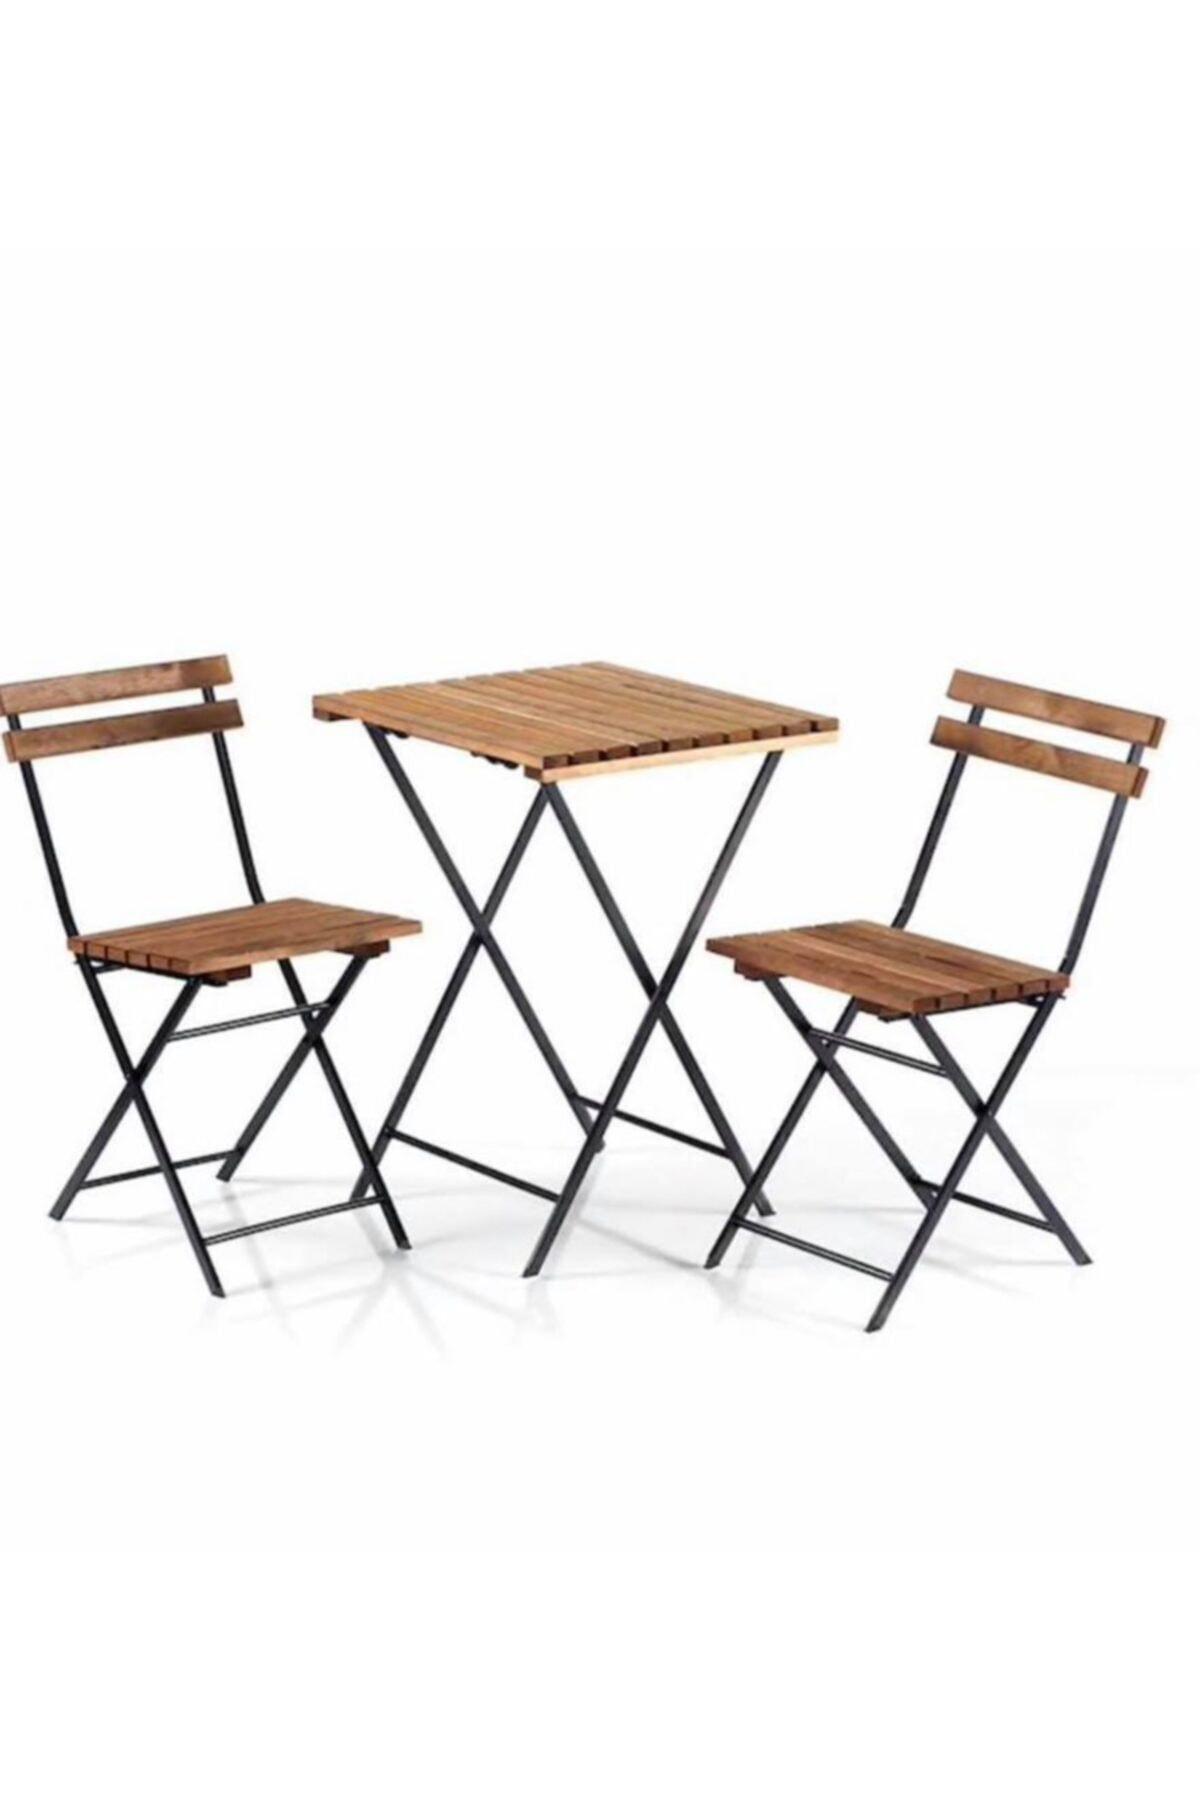 Ikea Model Bistro Seti Bahçe Masa Sandalye Seti 2sandalye 1masa